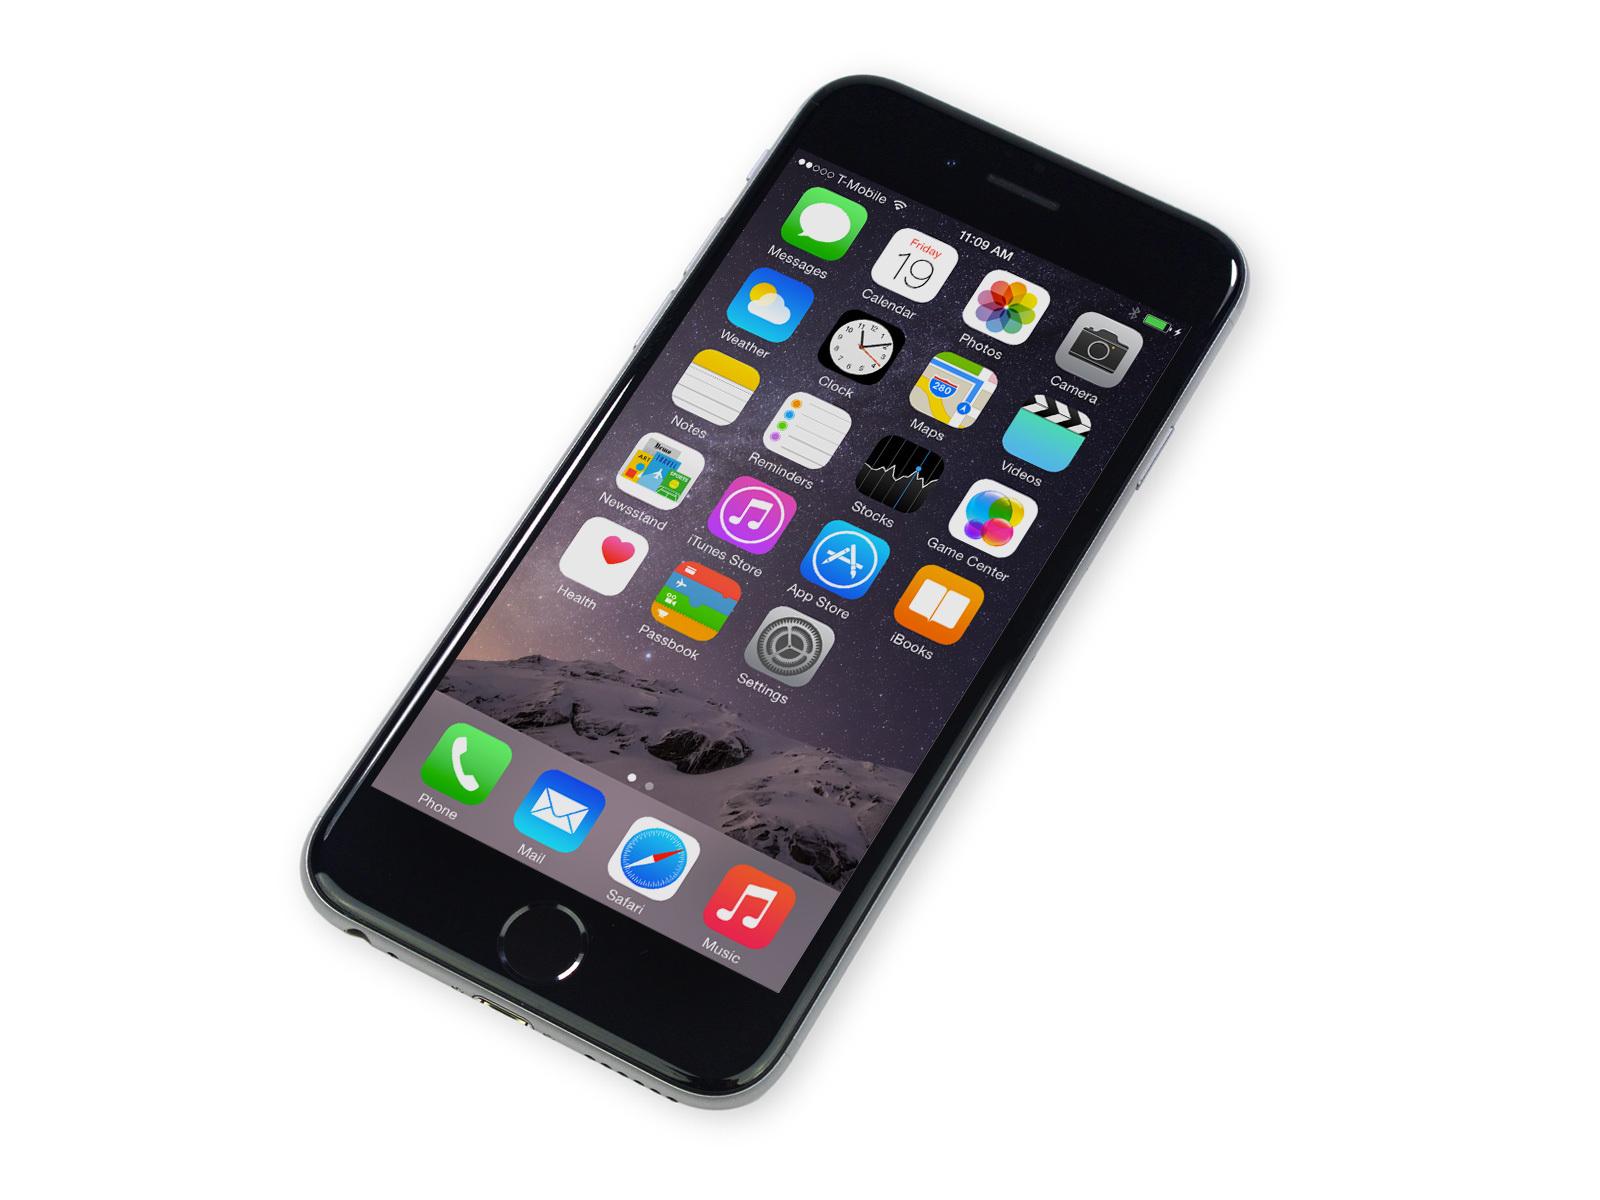 Новый iPhone 6 с диагональю 5,5 дюймов получит дисплей Super Retina 461 ppi